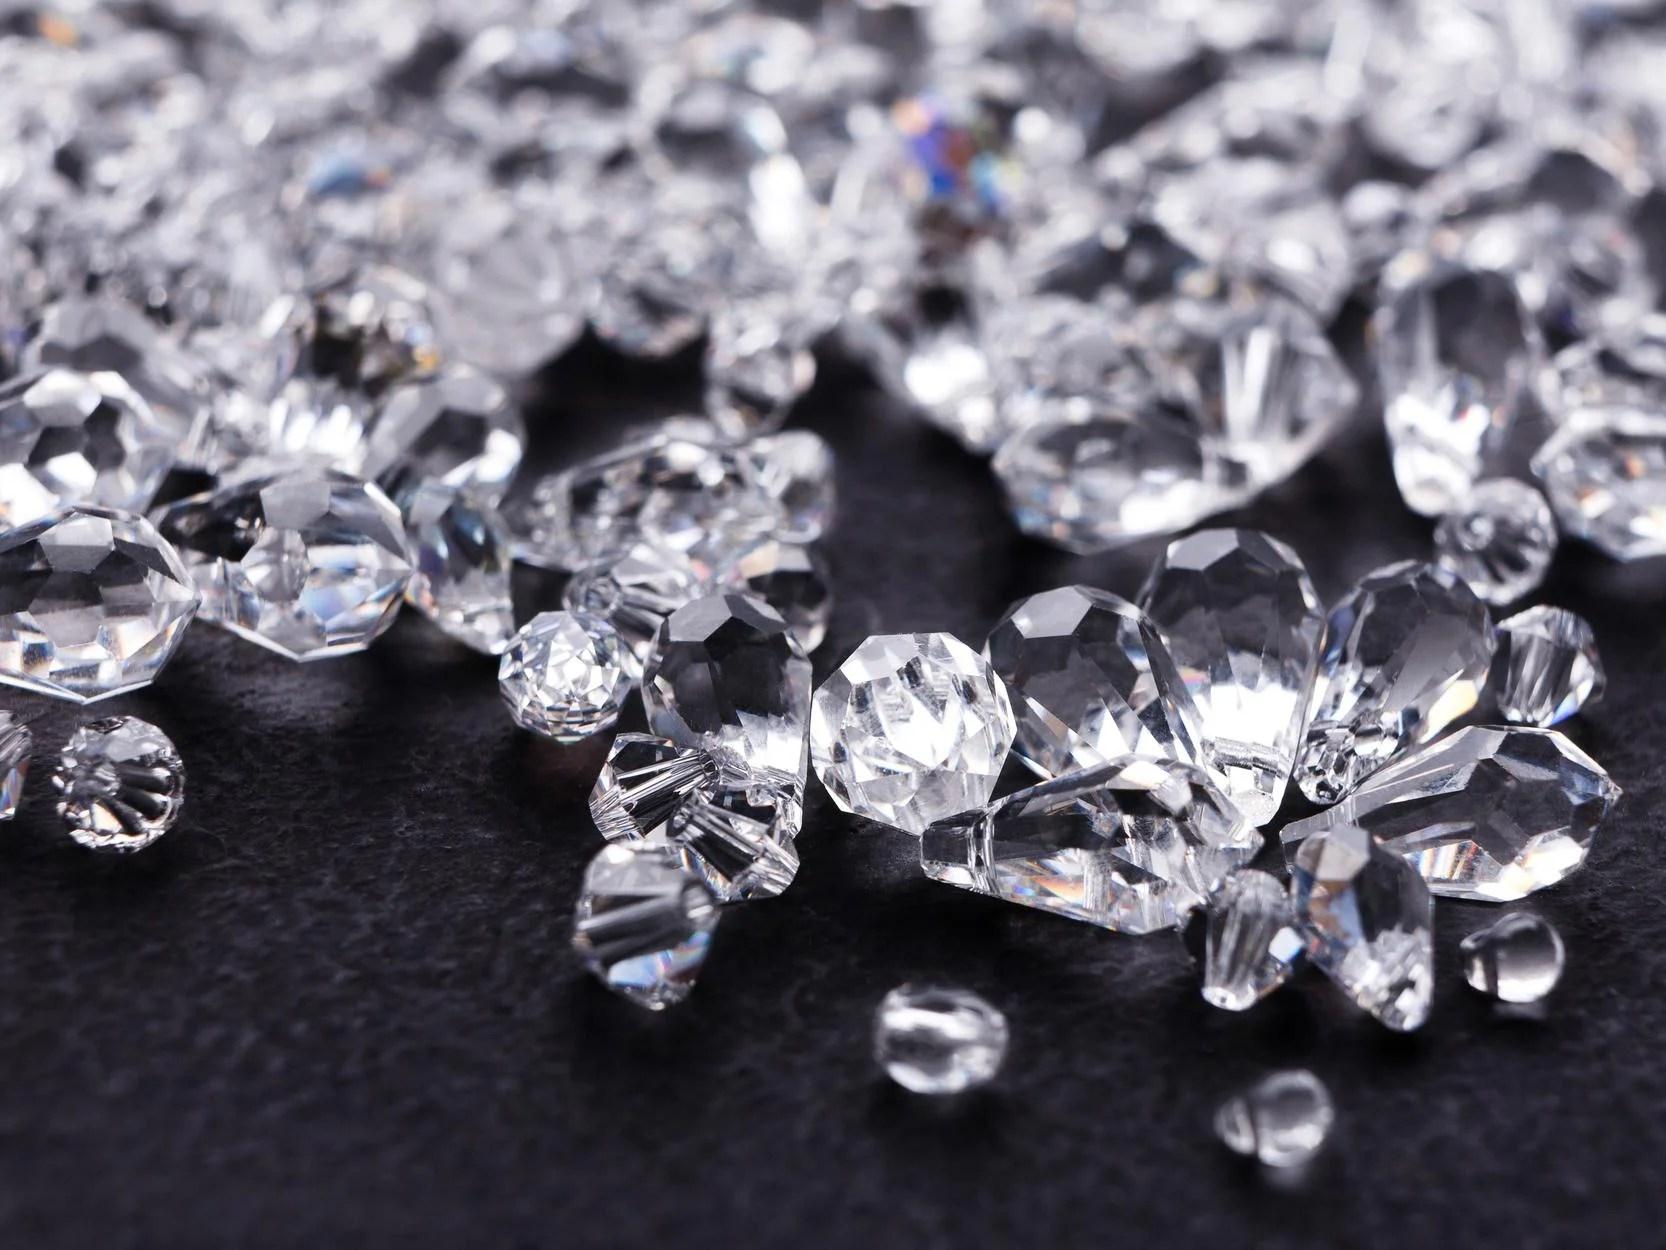 quadrillion tonnes of diamond